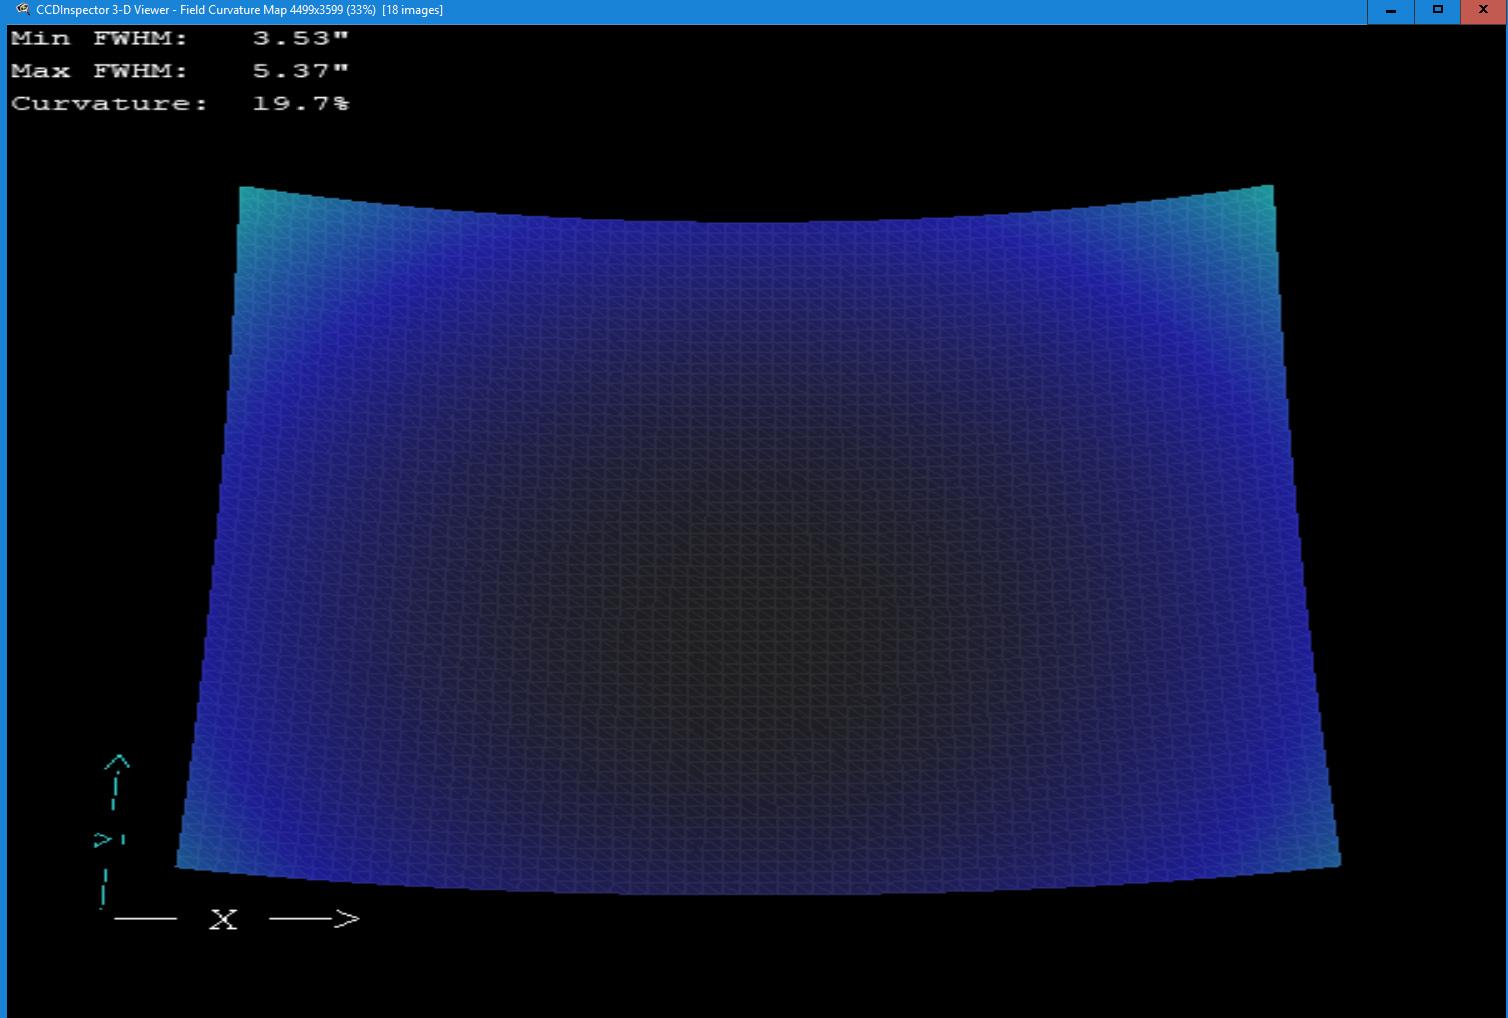 tsa102-atik16200-curvature.jpg.7967154d9bc90df1d1afdf6413f18149.jpg